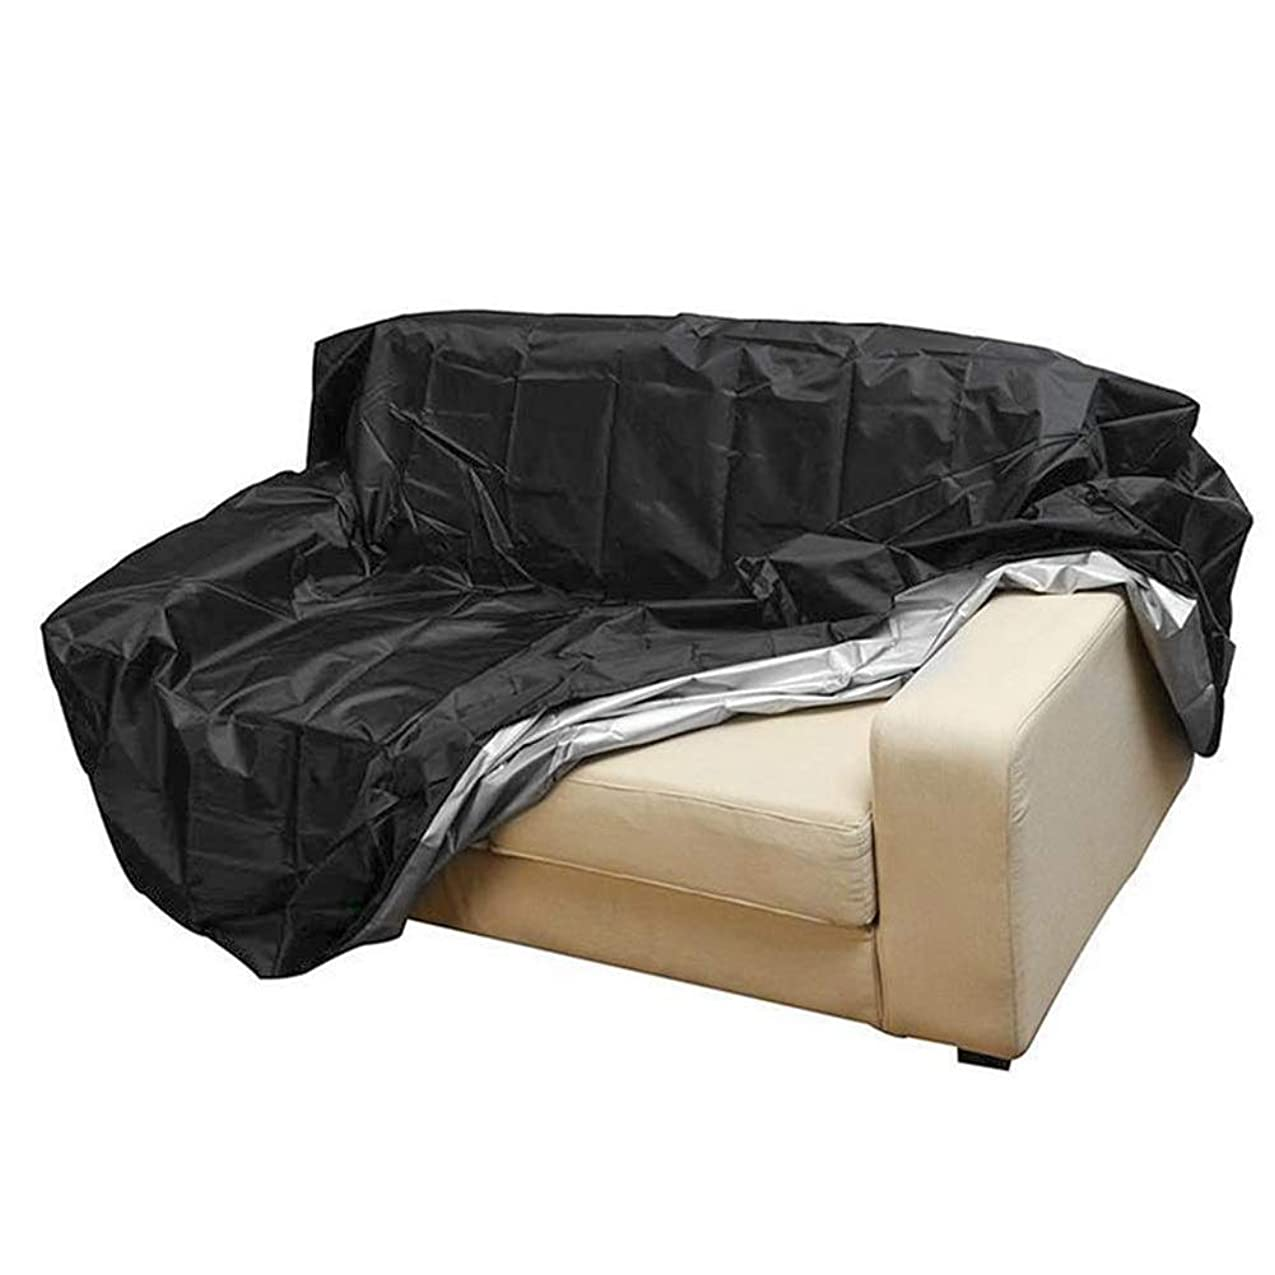 サービス情熱反発する屋外長方形ガーデン家具カバー 防水プロテクター椅子折り畳み式の公園パティオカバーシートUV耐性サンシェイドアンチダスト家具ロング屋外ガーデン (Color : 3 Seat 162x66x89cm)